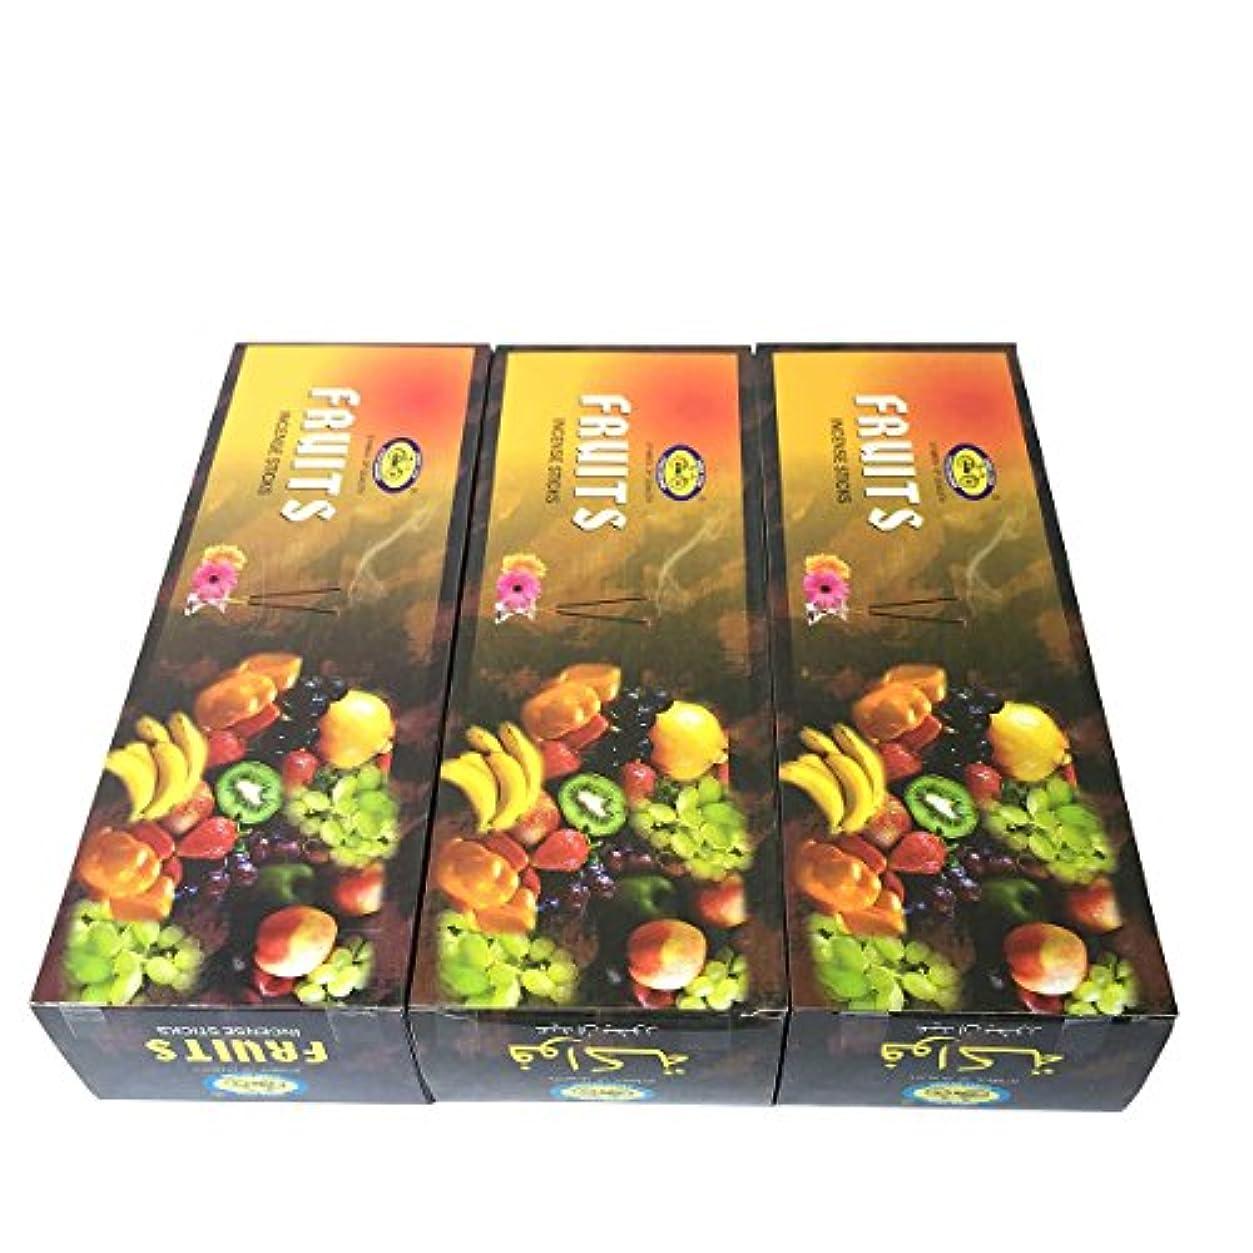 フルーツ香スティック 3BOX(18箱) /CYCLE FRUITS/インセンス/インド香 お香 [並行輸入品]